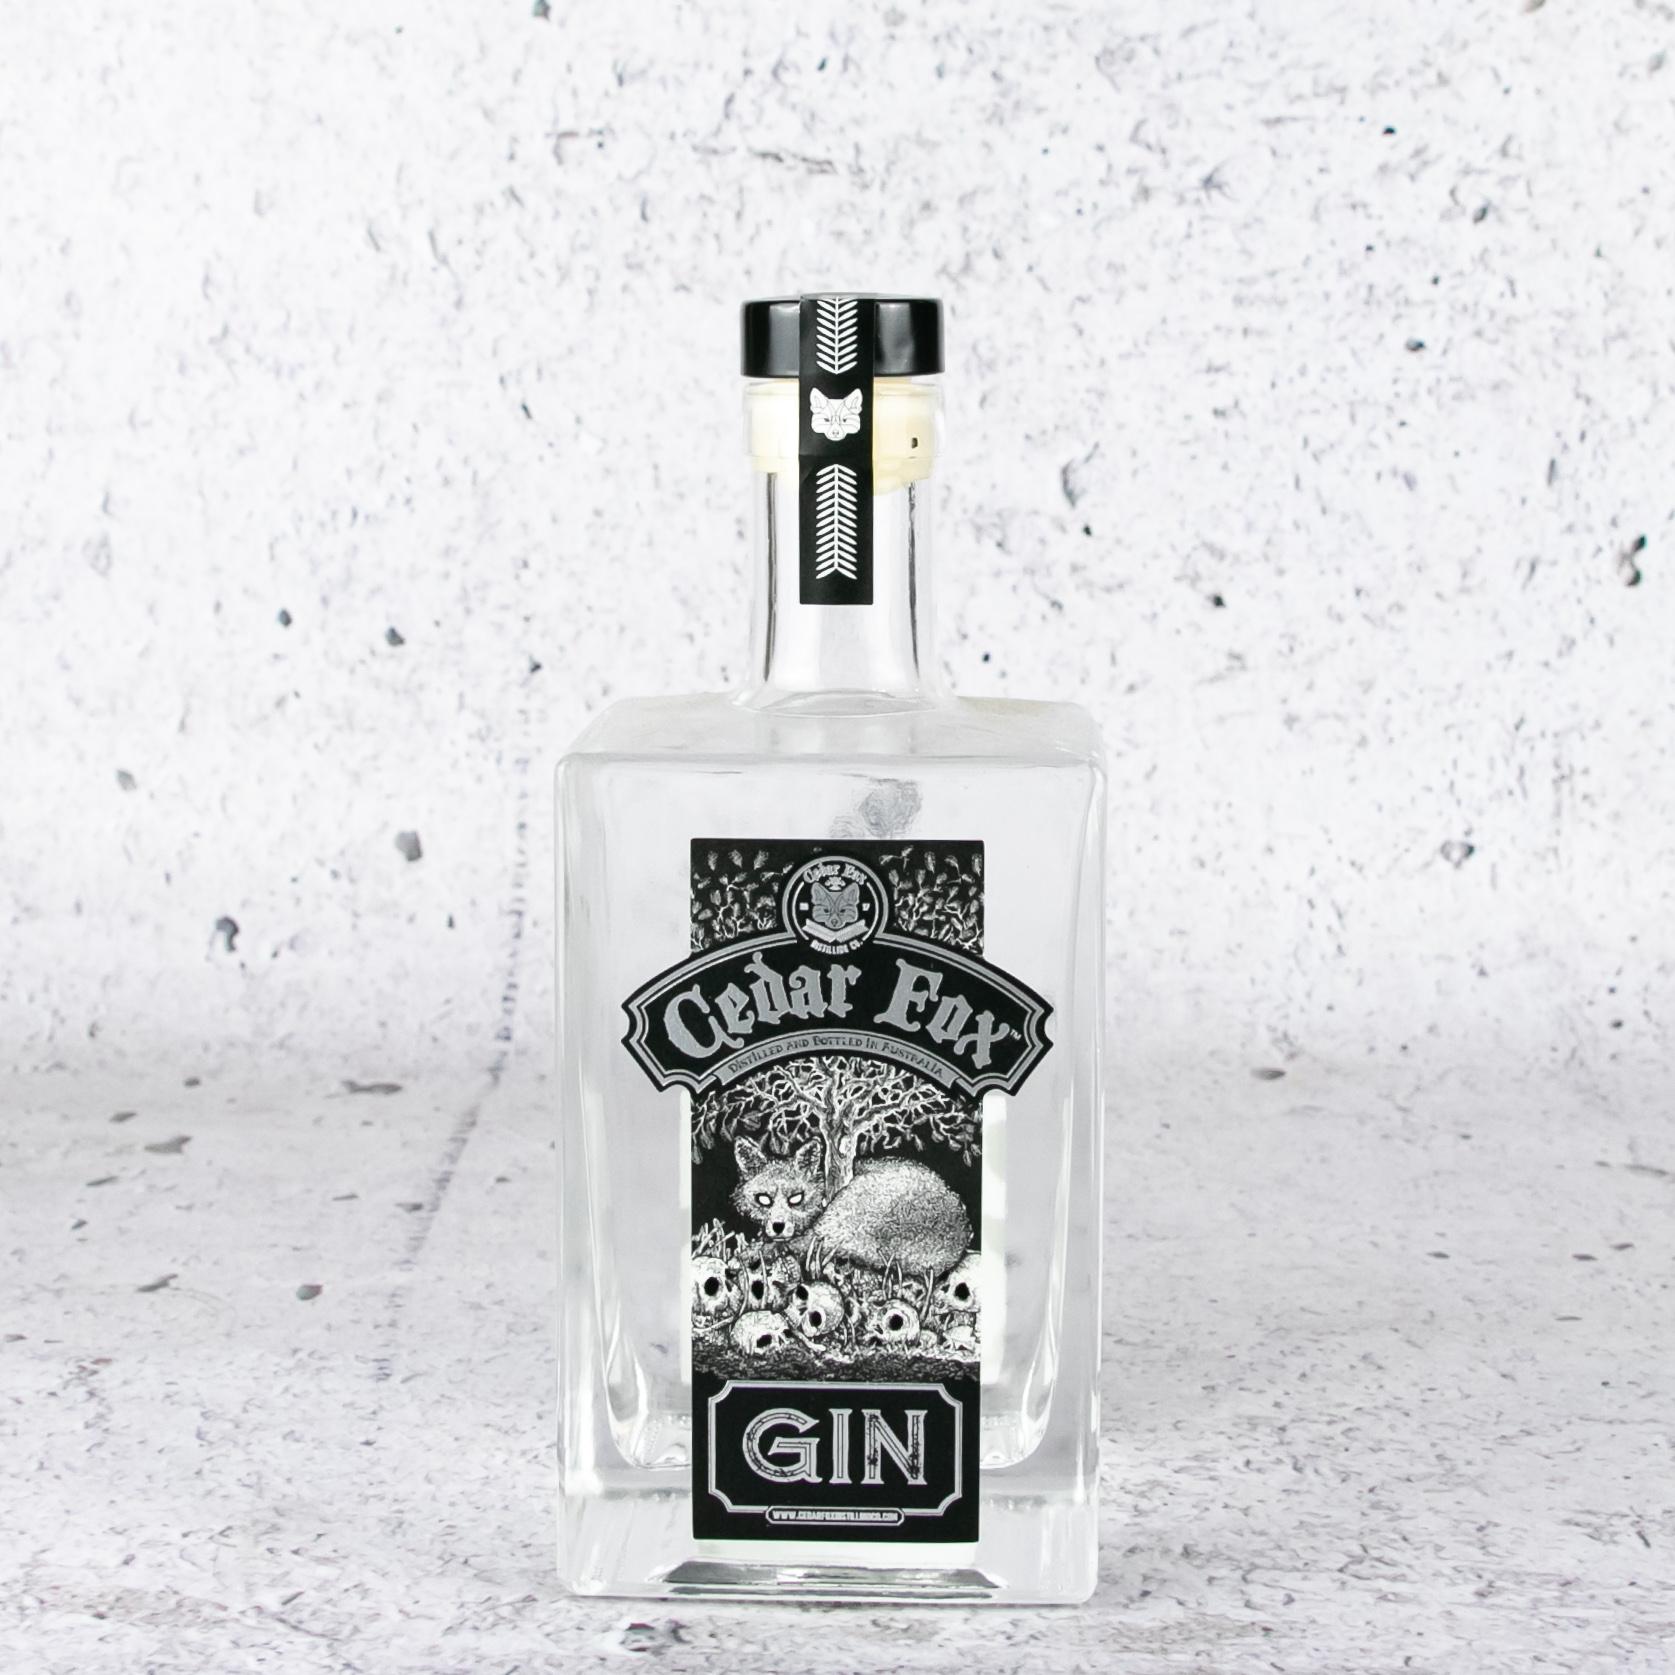 Cedar Fox Gin